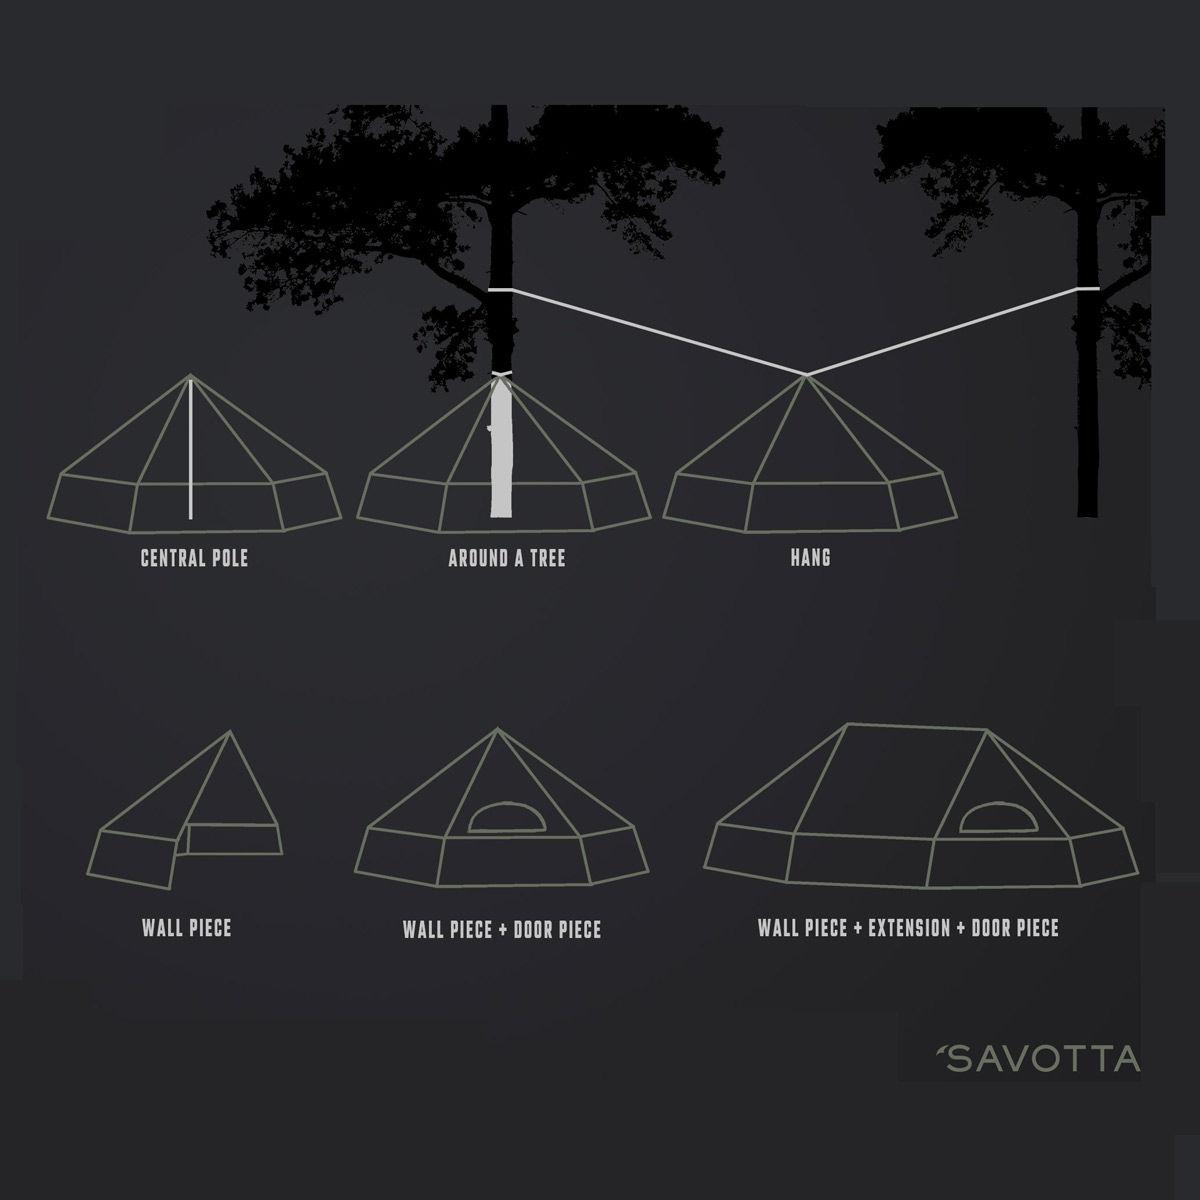 Savotta Hawu 4